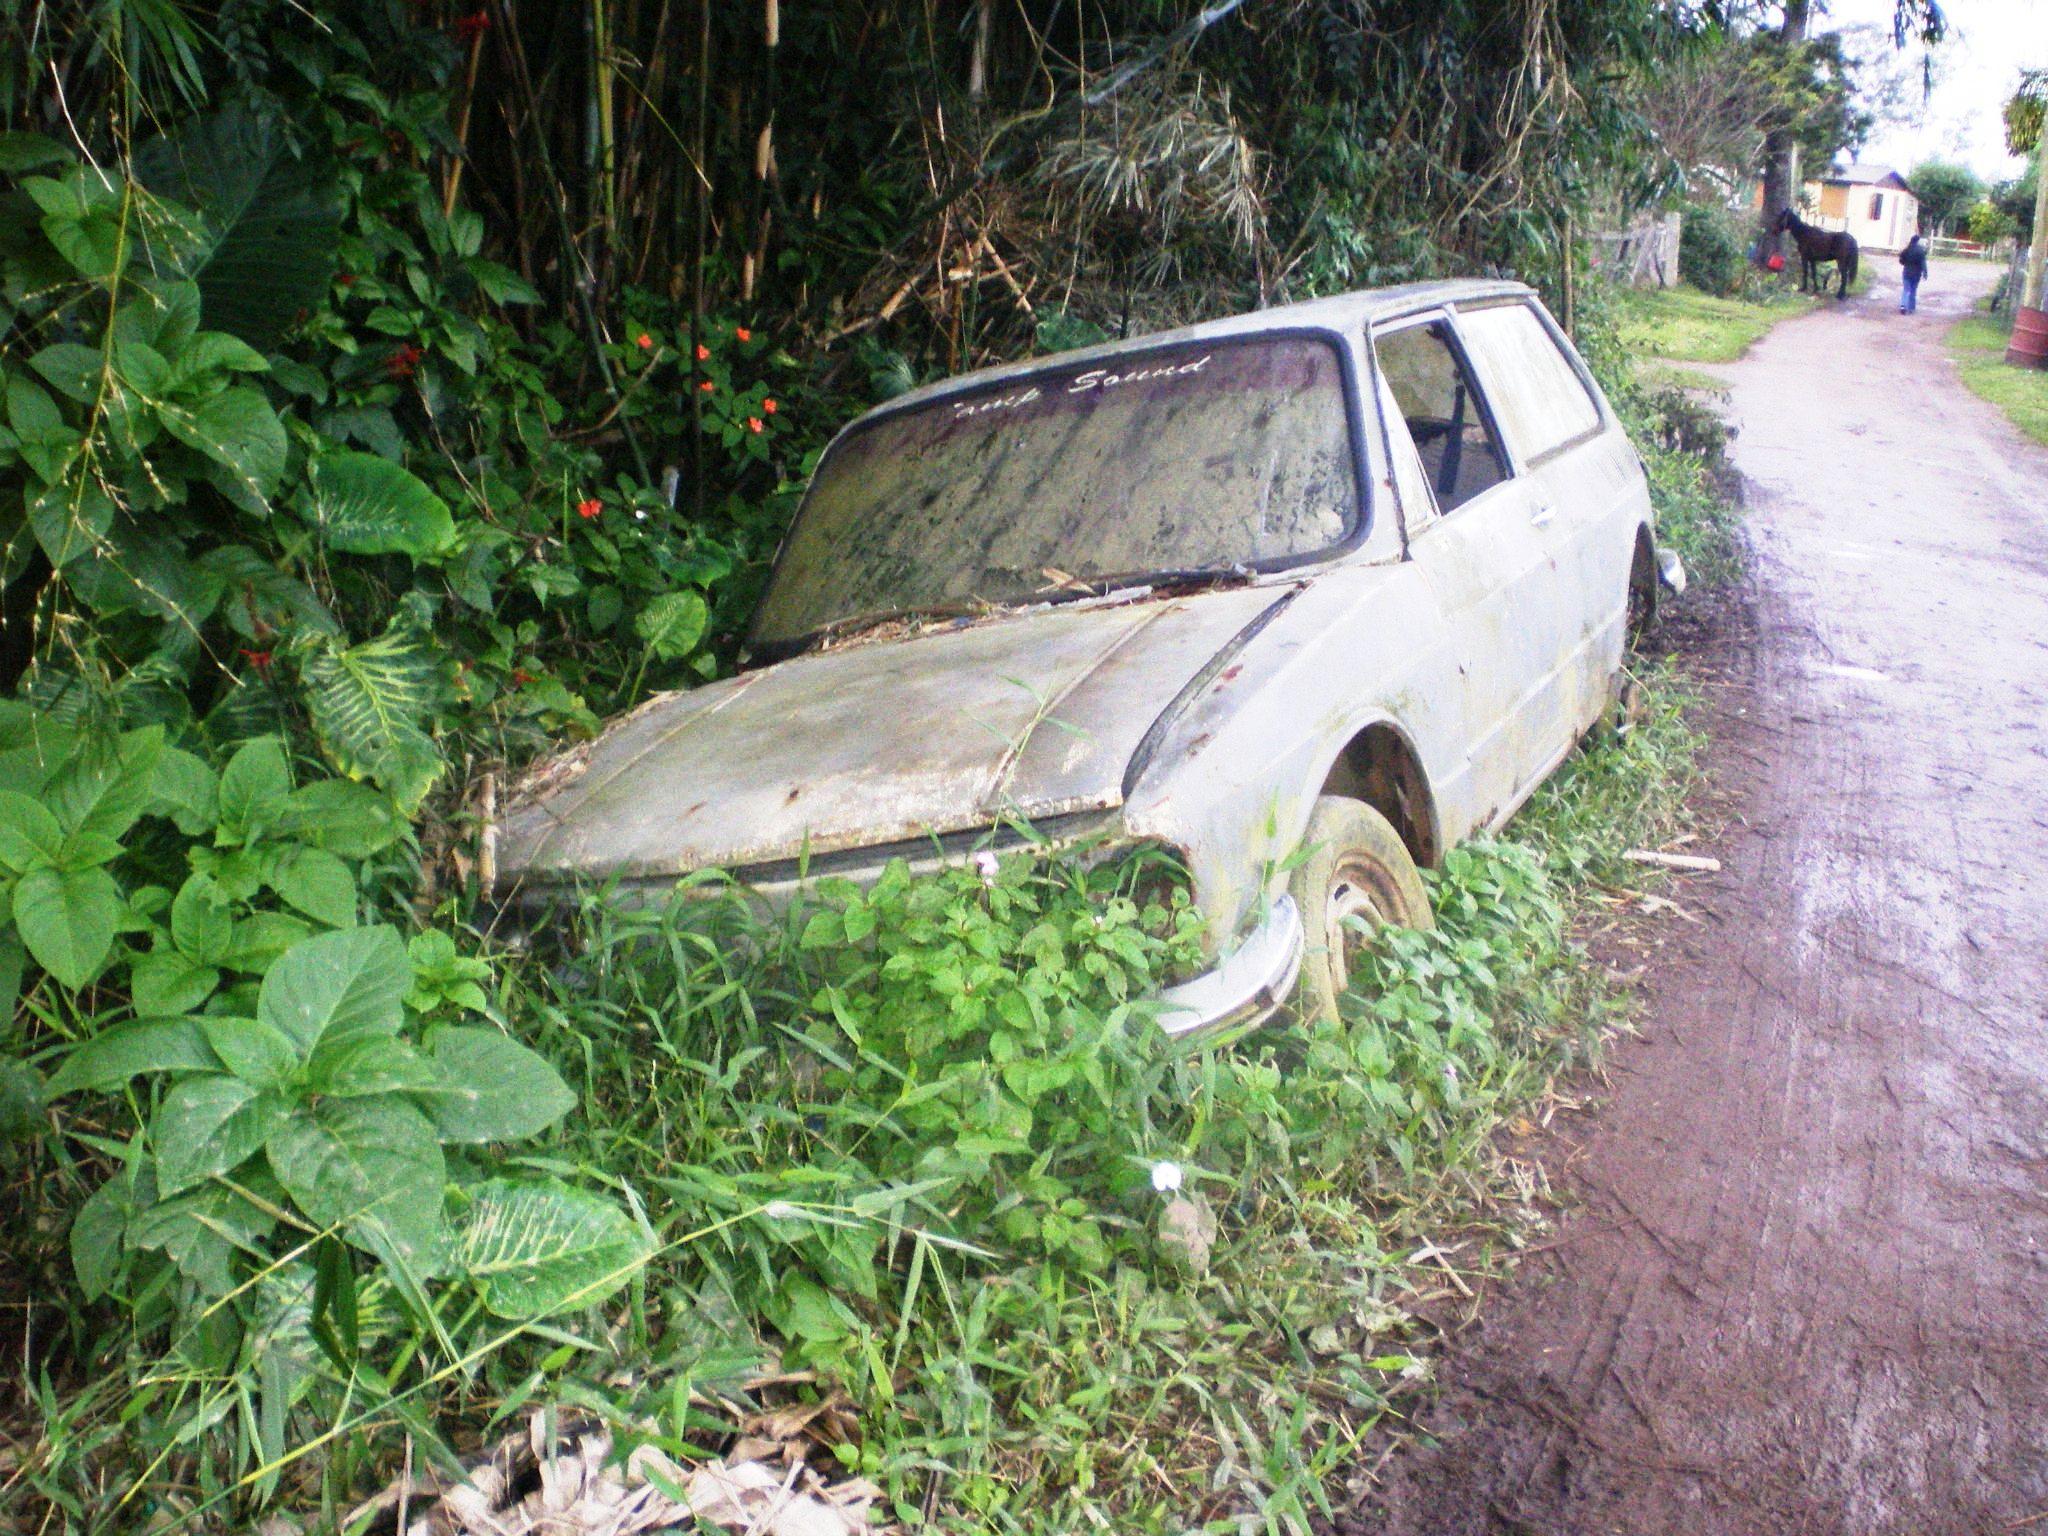 marcelo-fernandes-santo-antonio-da-patrulha-brasa2 VW Brasília